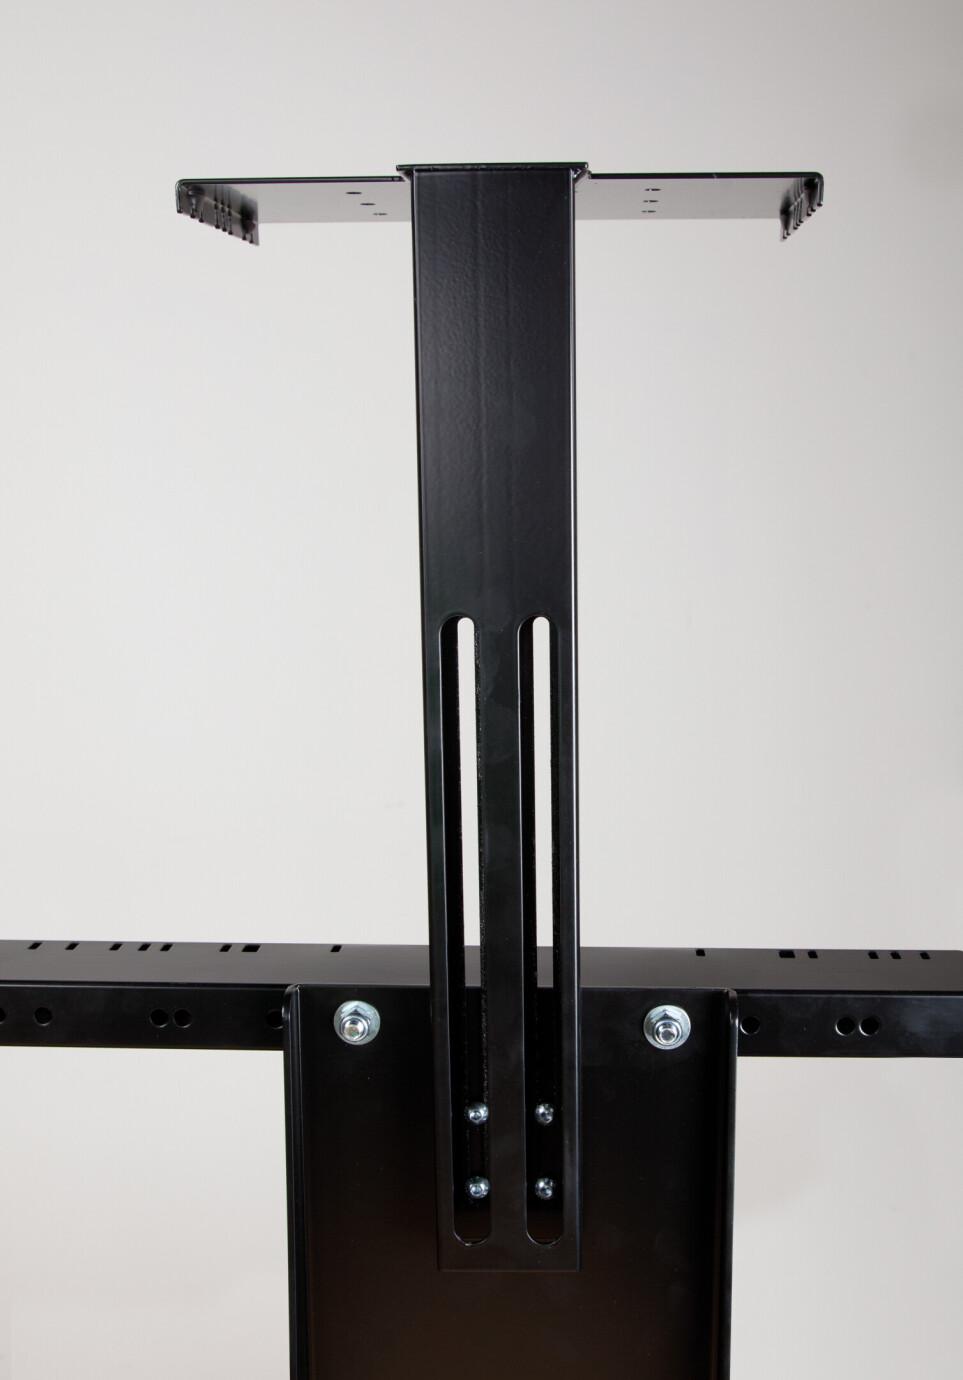 celexon podpórka pod kamerę do stojaków wystawowych serii Professional Plus